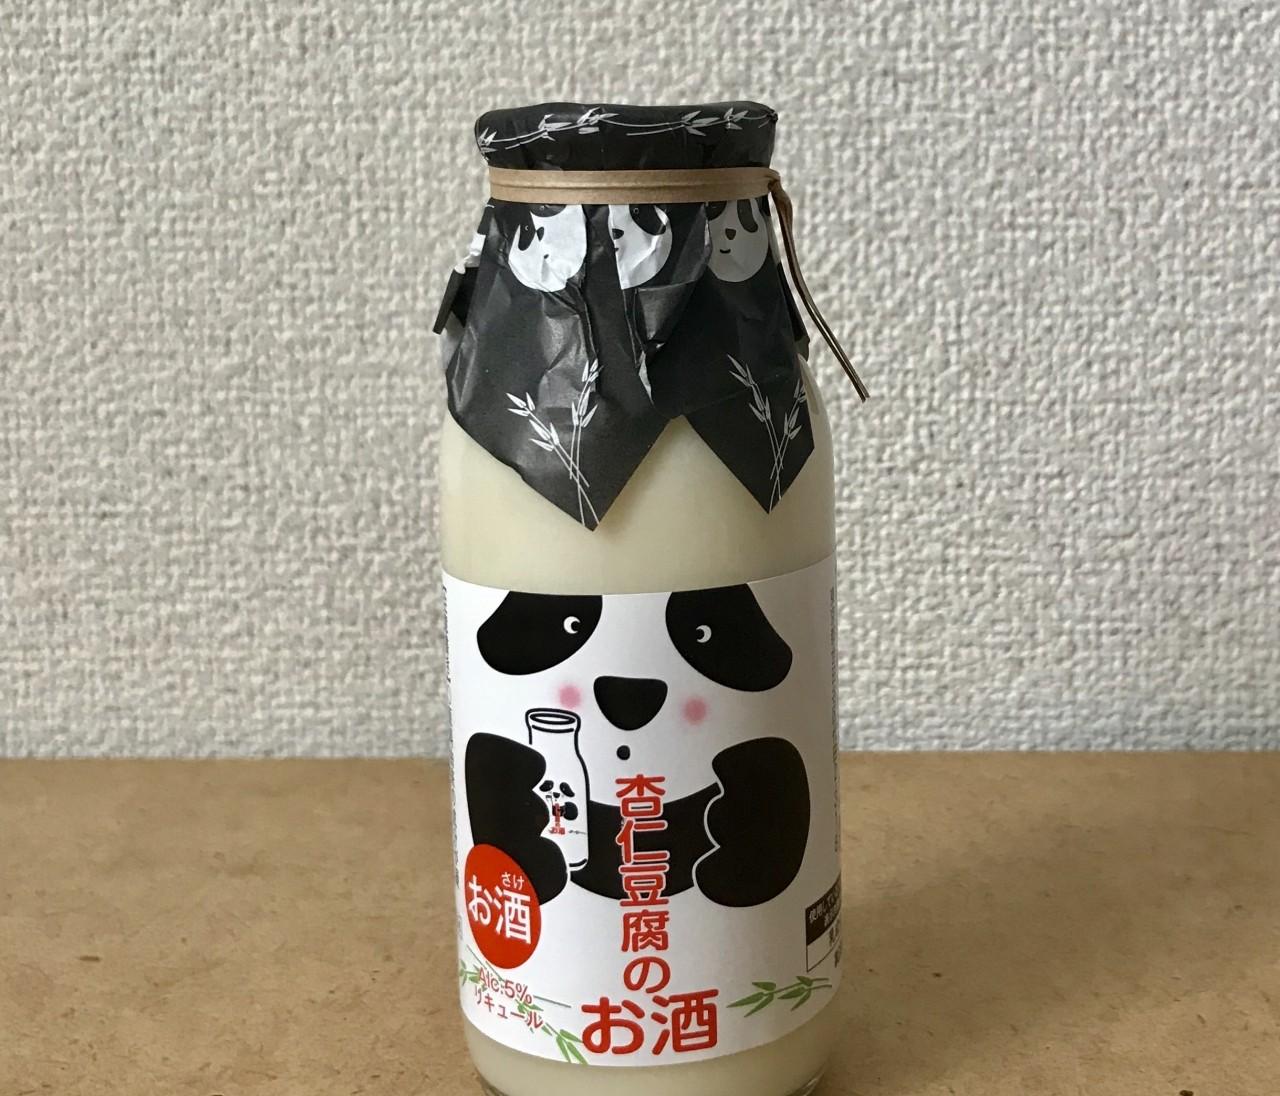 【カルディ(KALDI)】超人気デザート杏仁豆腐がお酒に♡ おいしい飲み方レシピ6選